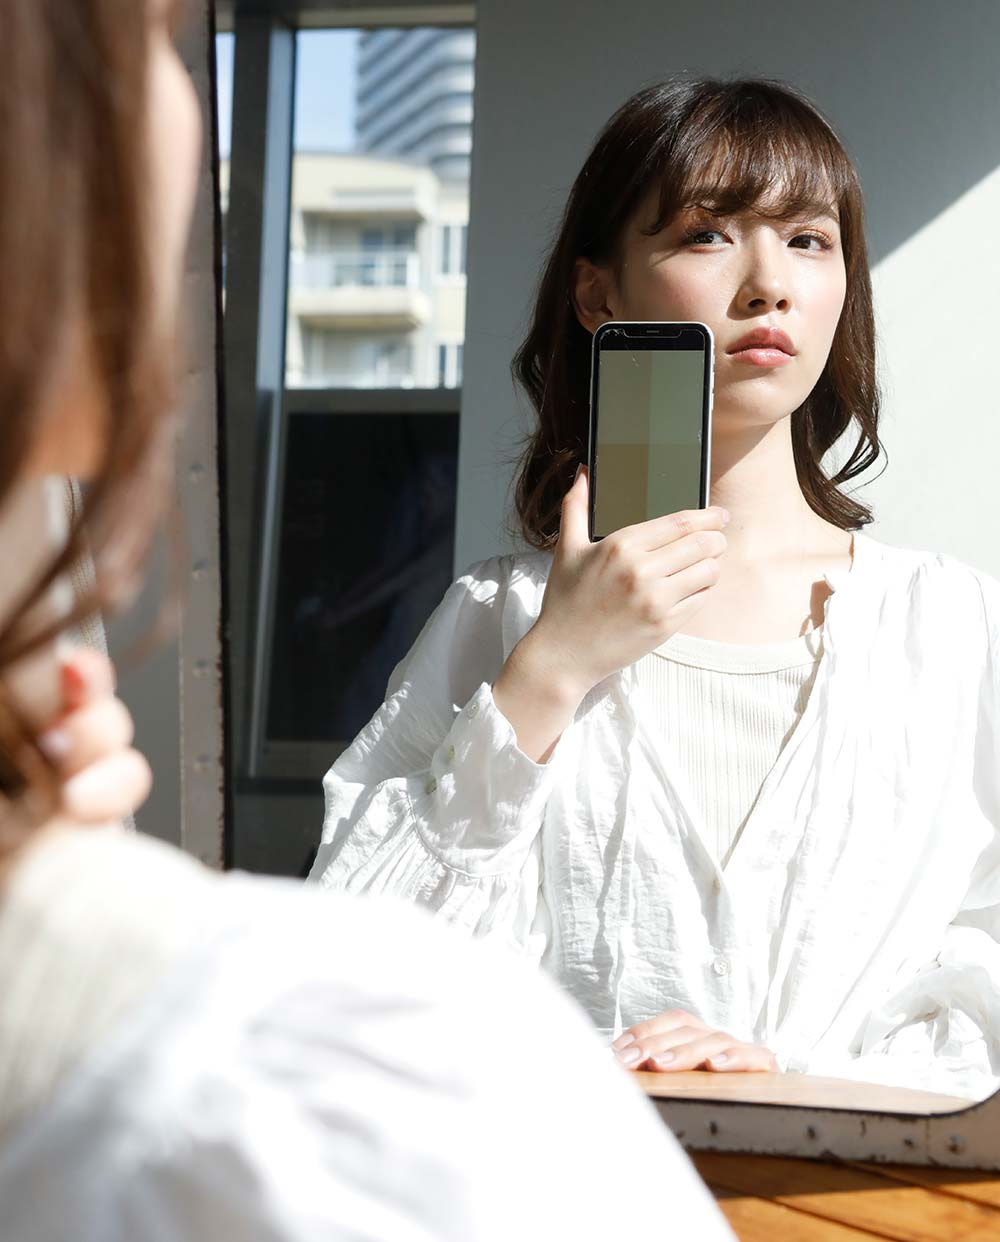 鏡を使って確認してみよう!